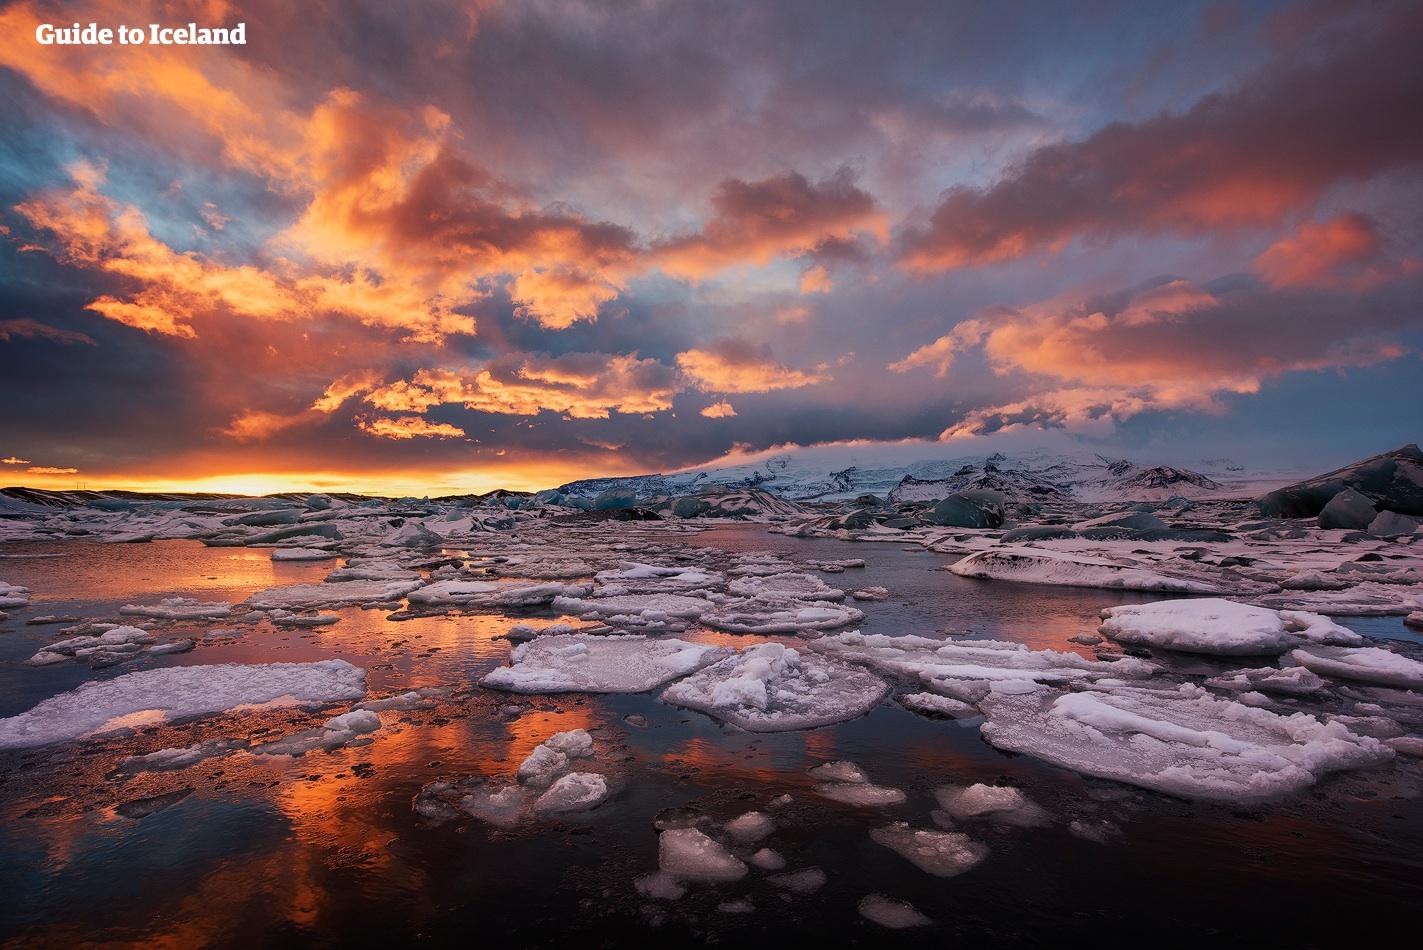 夏季的神奇午夜阳光倒映在冰岛东南岸的杰古沙龙冰河湖中。